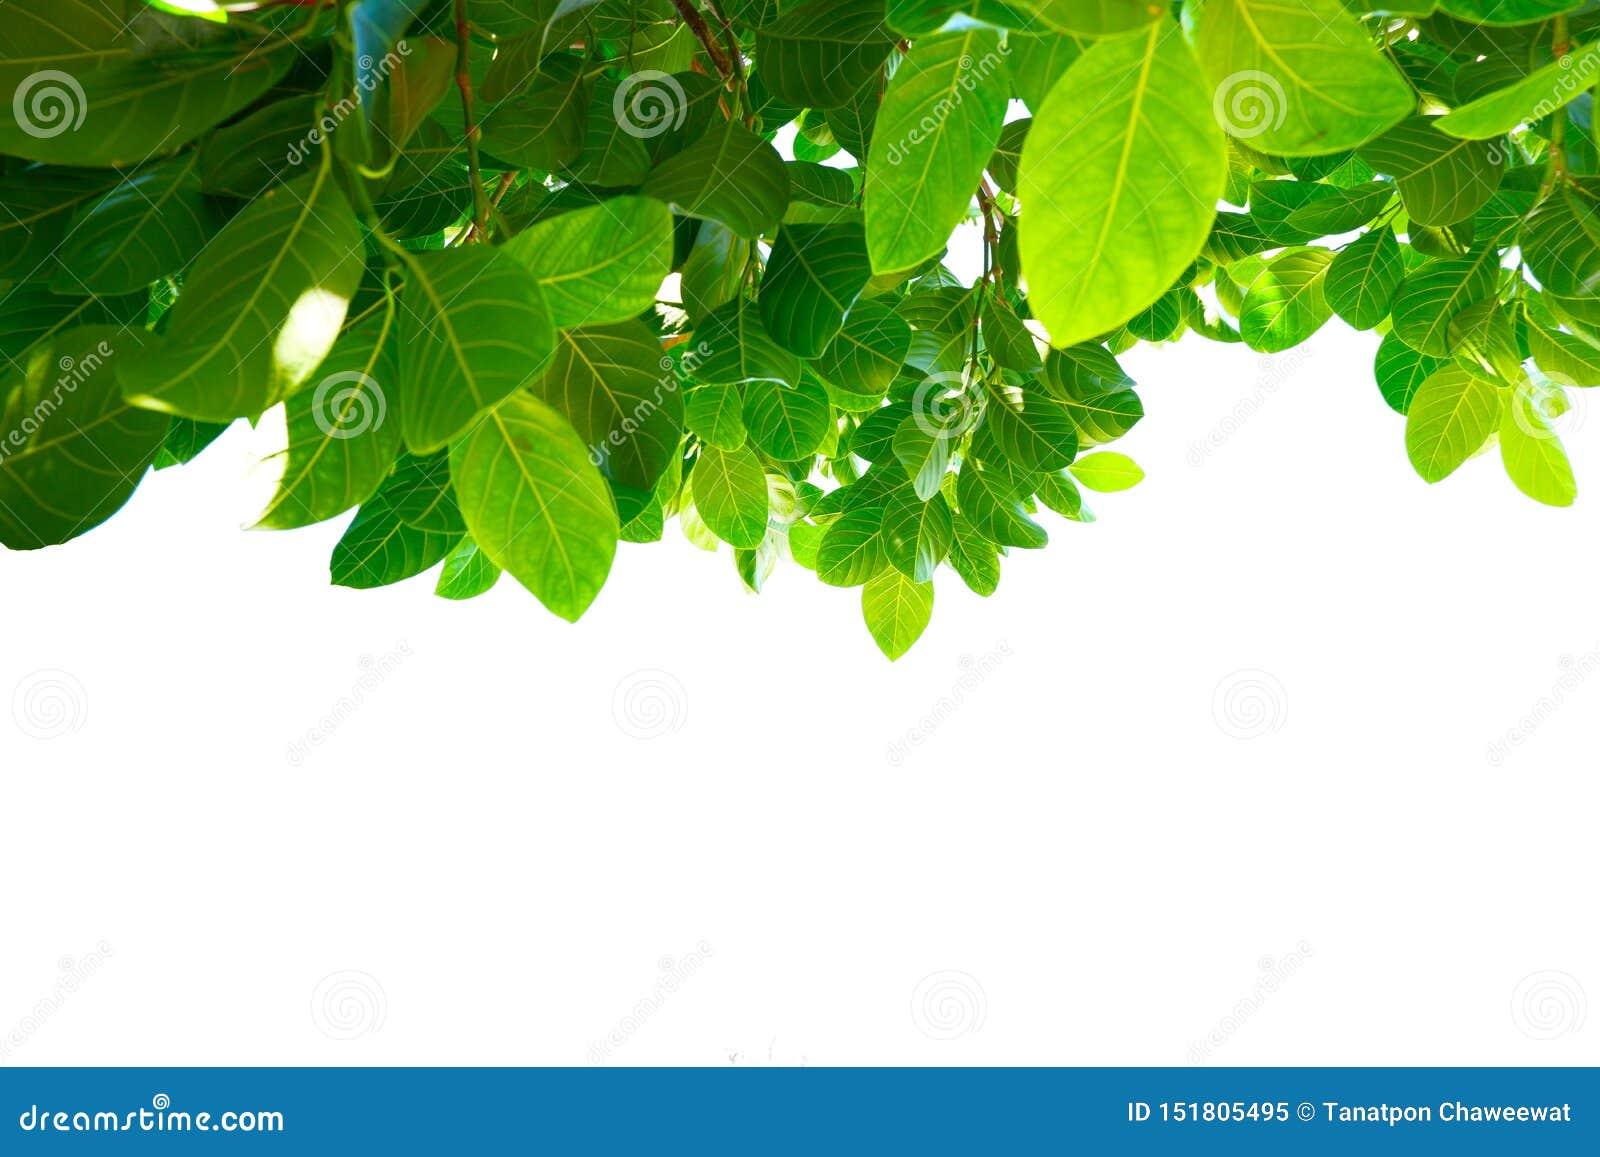 Asiatiska tropiska gröna sidor som isolerade på en vit bakgrund